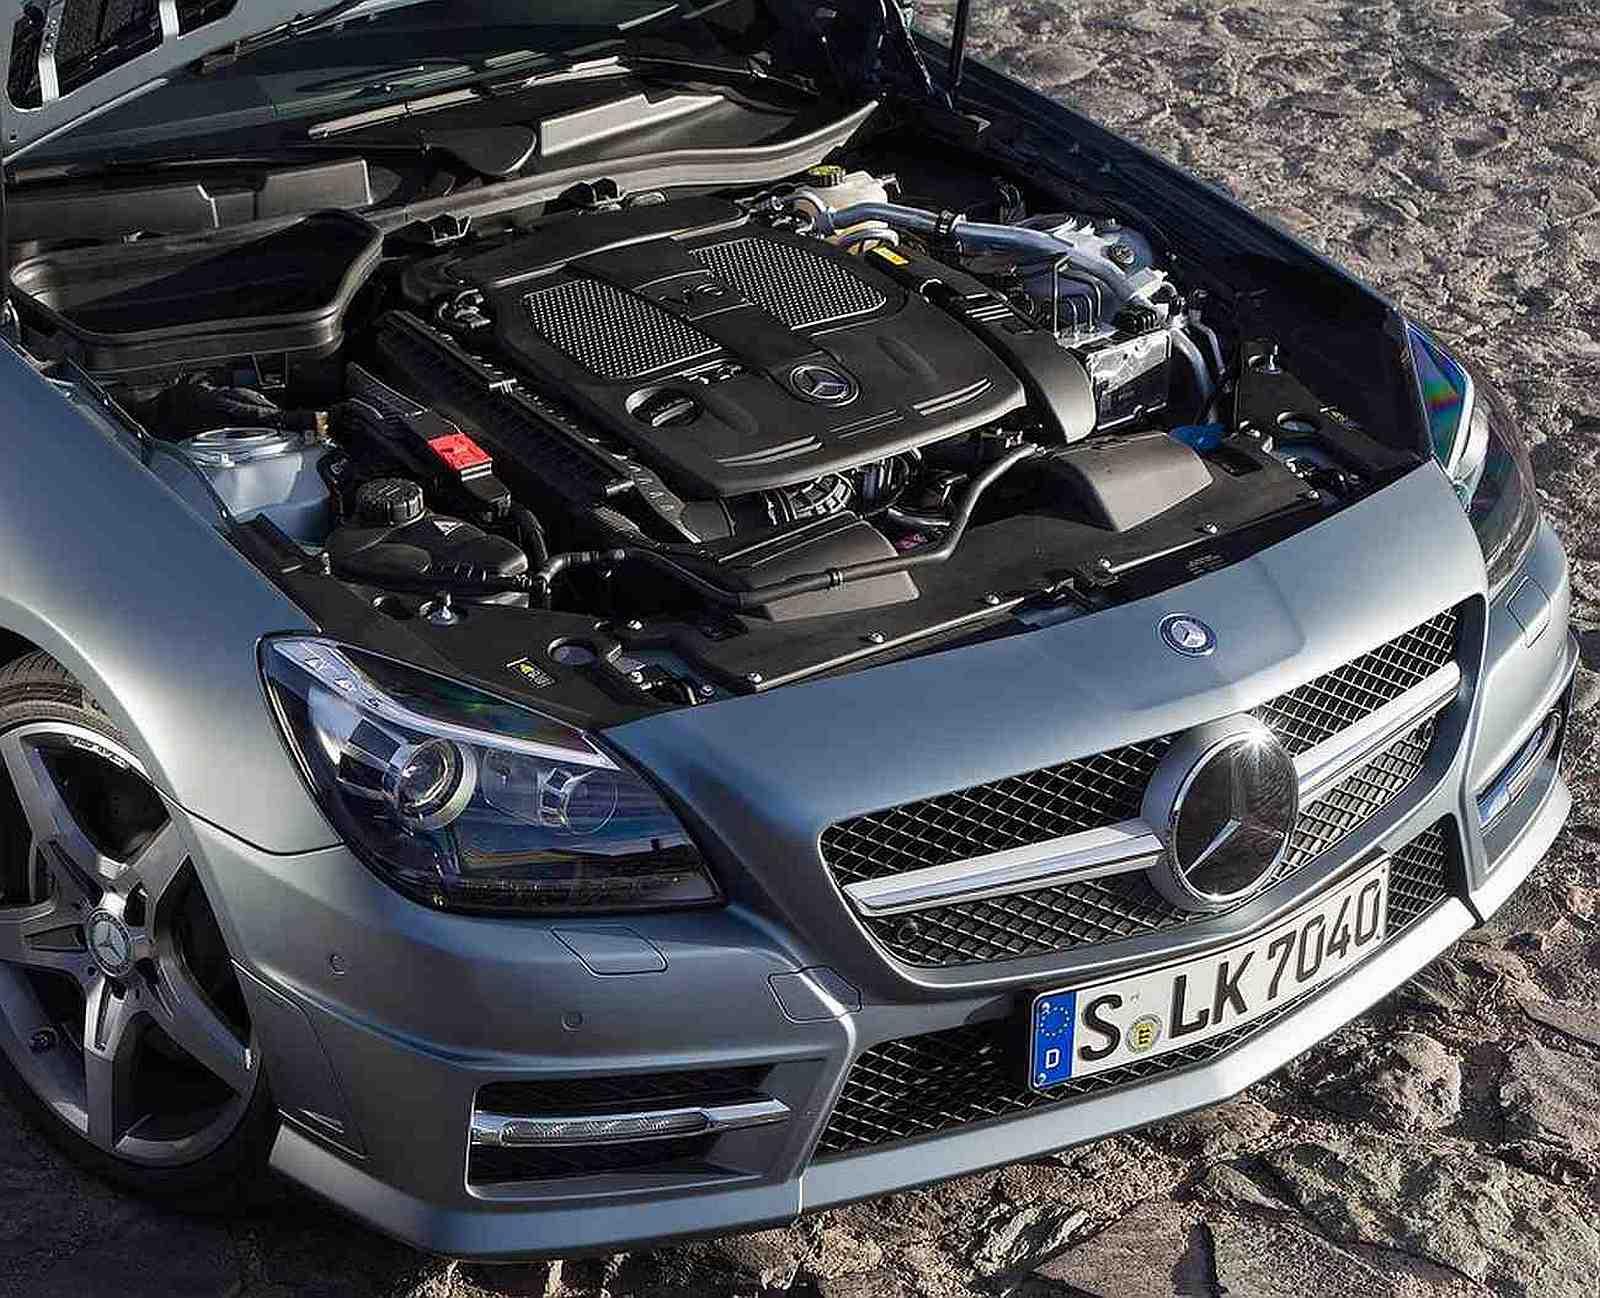 http://3.bp.blogspot.com/-lhVq61-T1Fs/Tmi-jRl3bBI/AAAAAAAAA5E/XIQNGEx1KLs/s1600/2012-Mercedes-Benz-SLK350-Engine.jpg